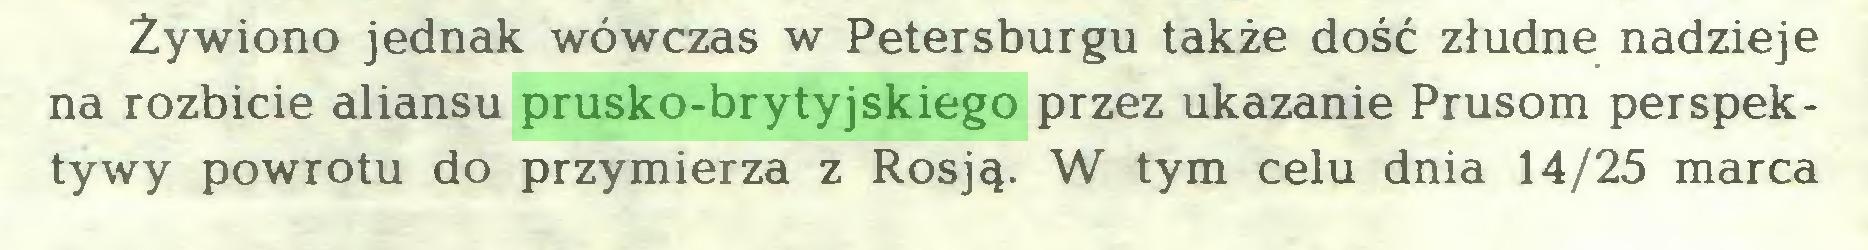 (...) Żywiono jednak wówczas w Petersburgu także dość złudne nadzieje na rozbicie aliansu prusko-brytyjskiego przez ukazanie Prusom perspektywy powrotu do przymierza z Rosją. W tym celu dnia 14/25 marca...